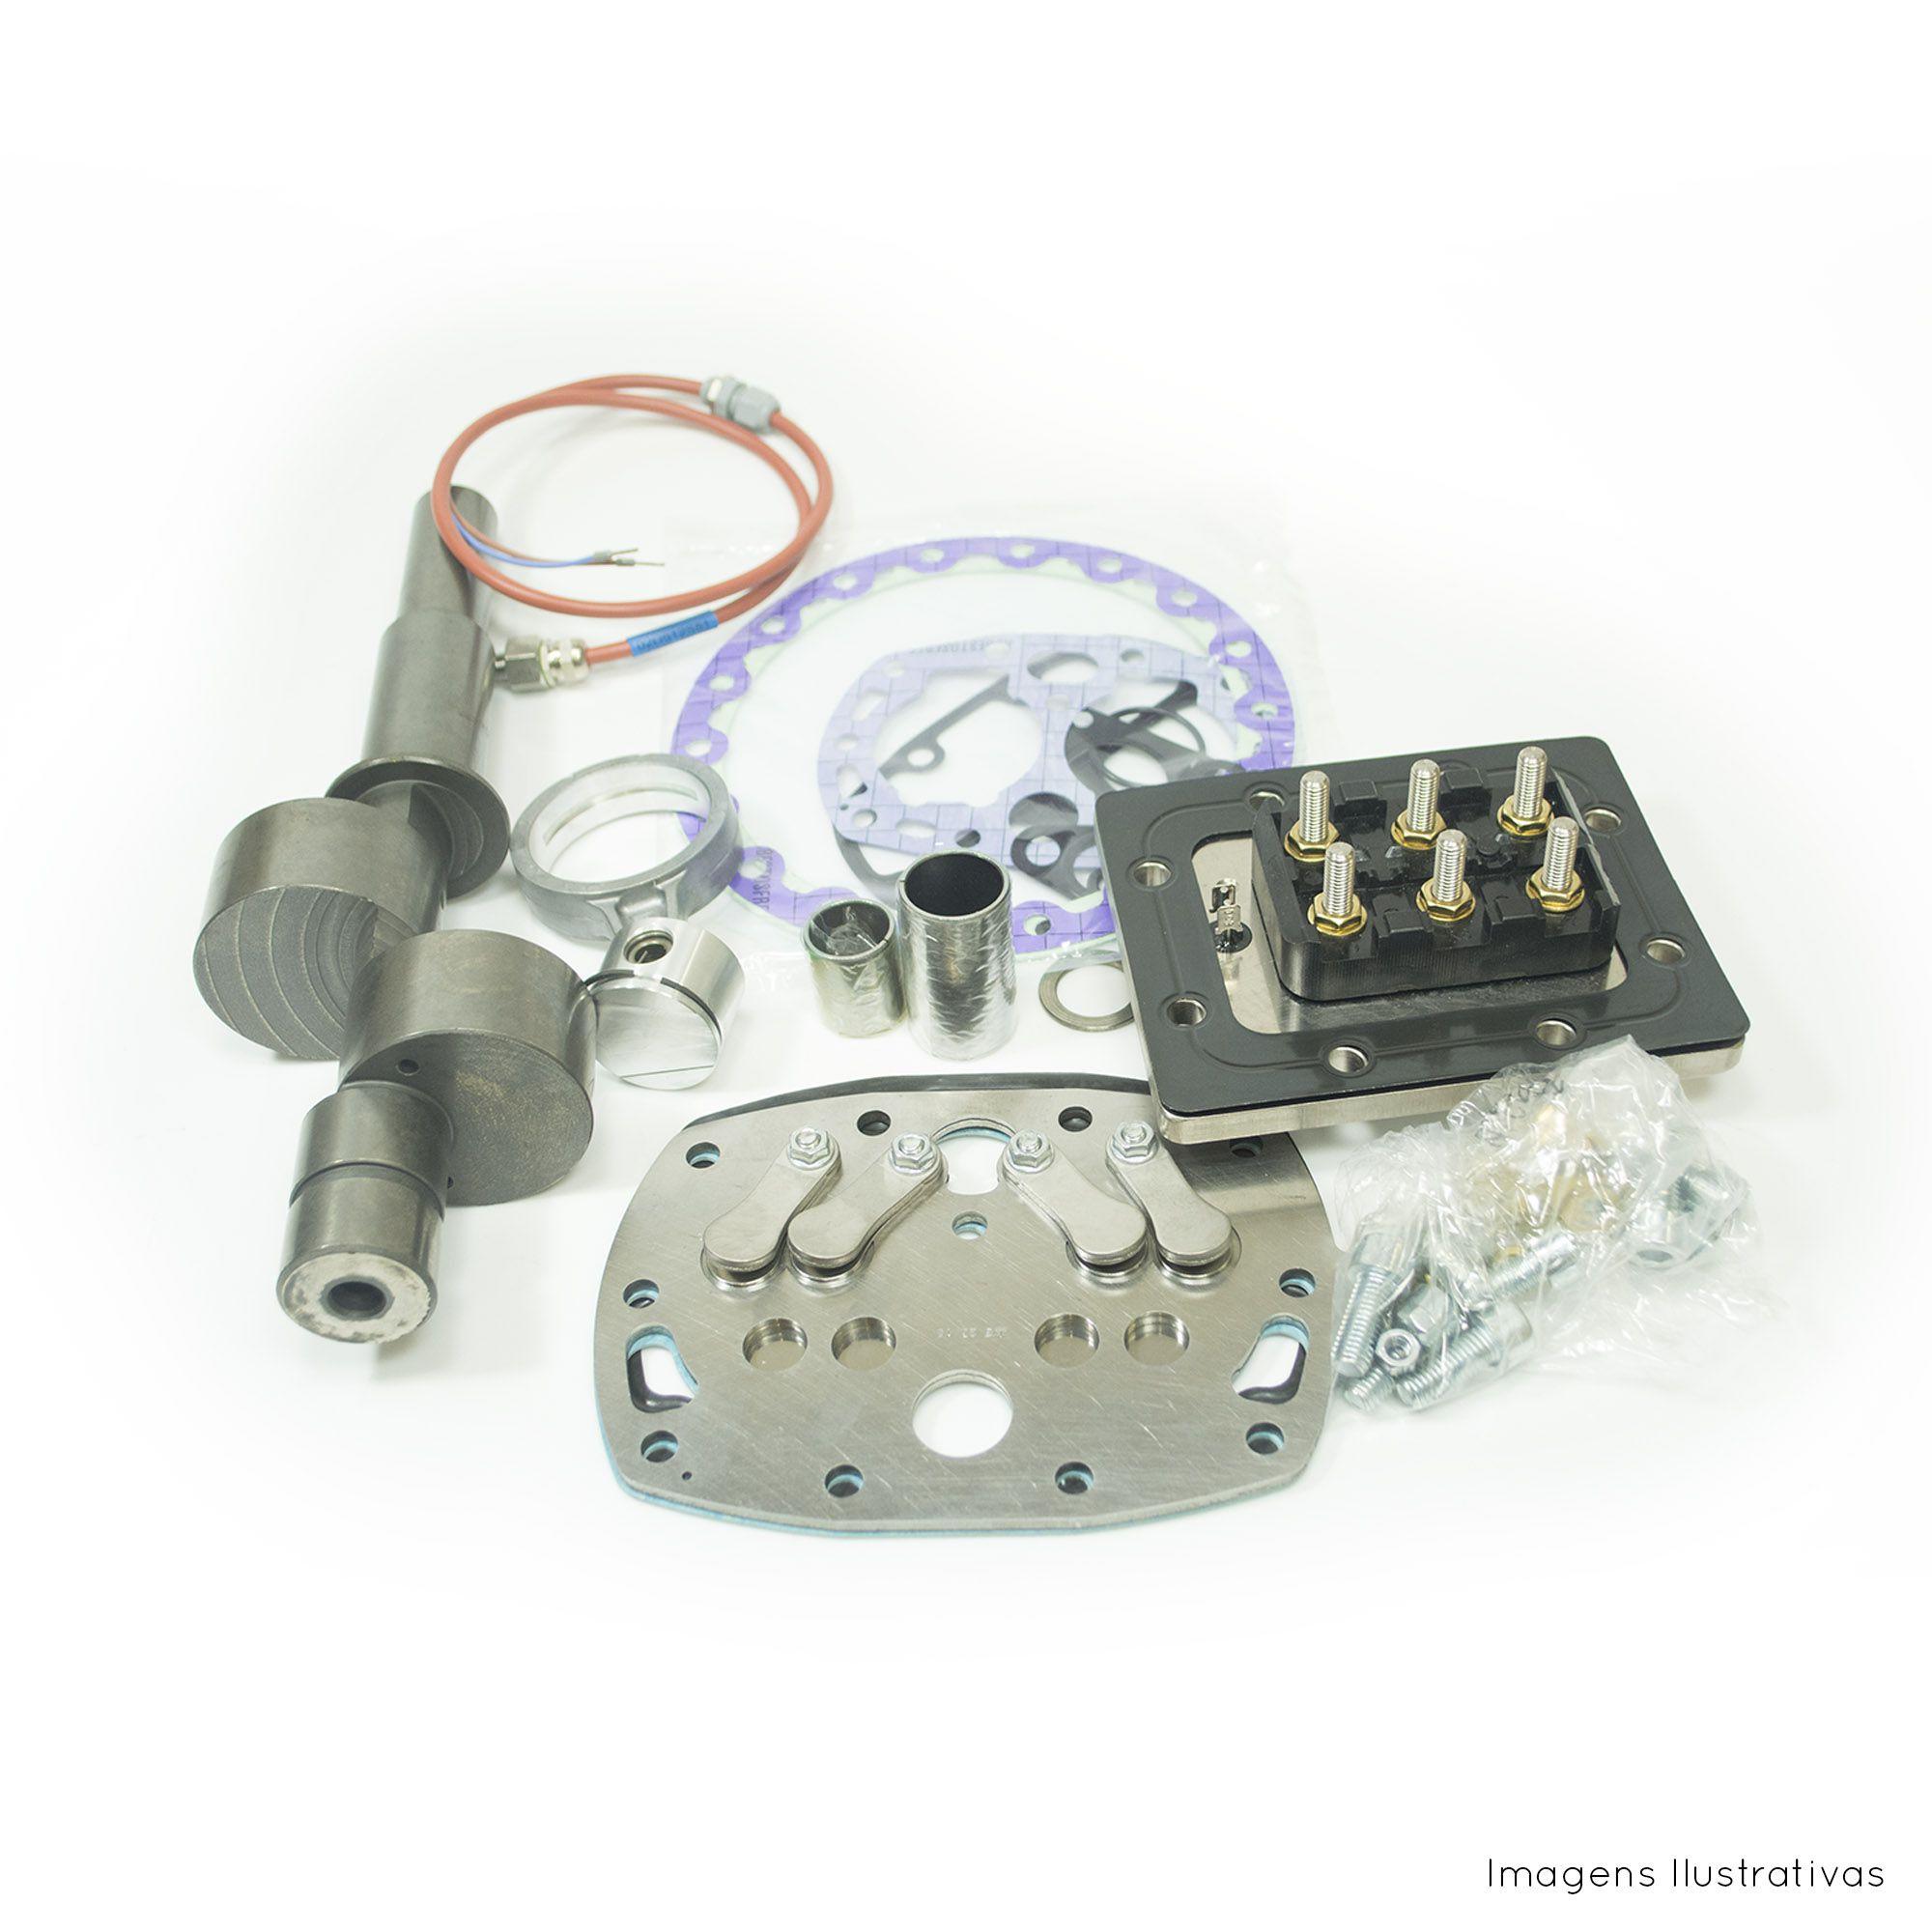 Controle de Capacidade - 704-10214